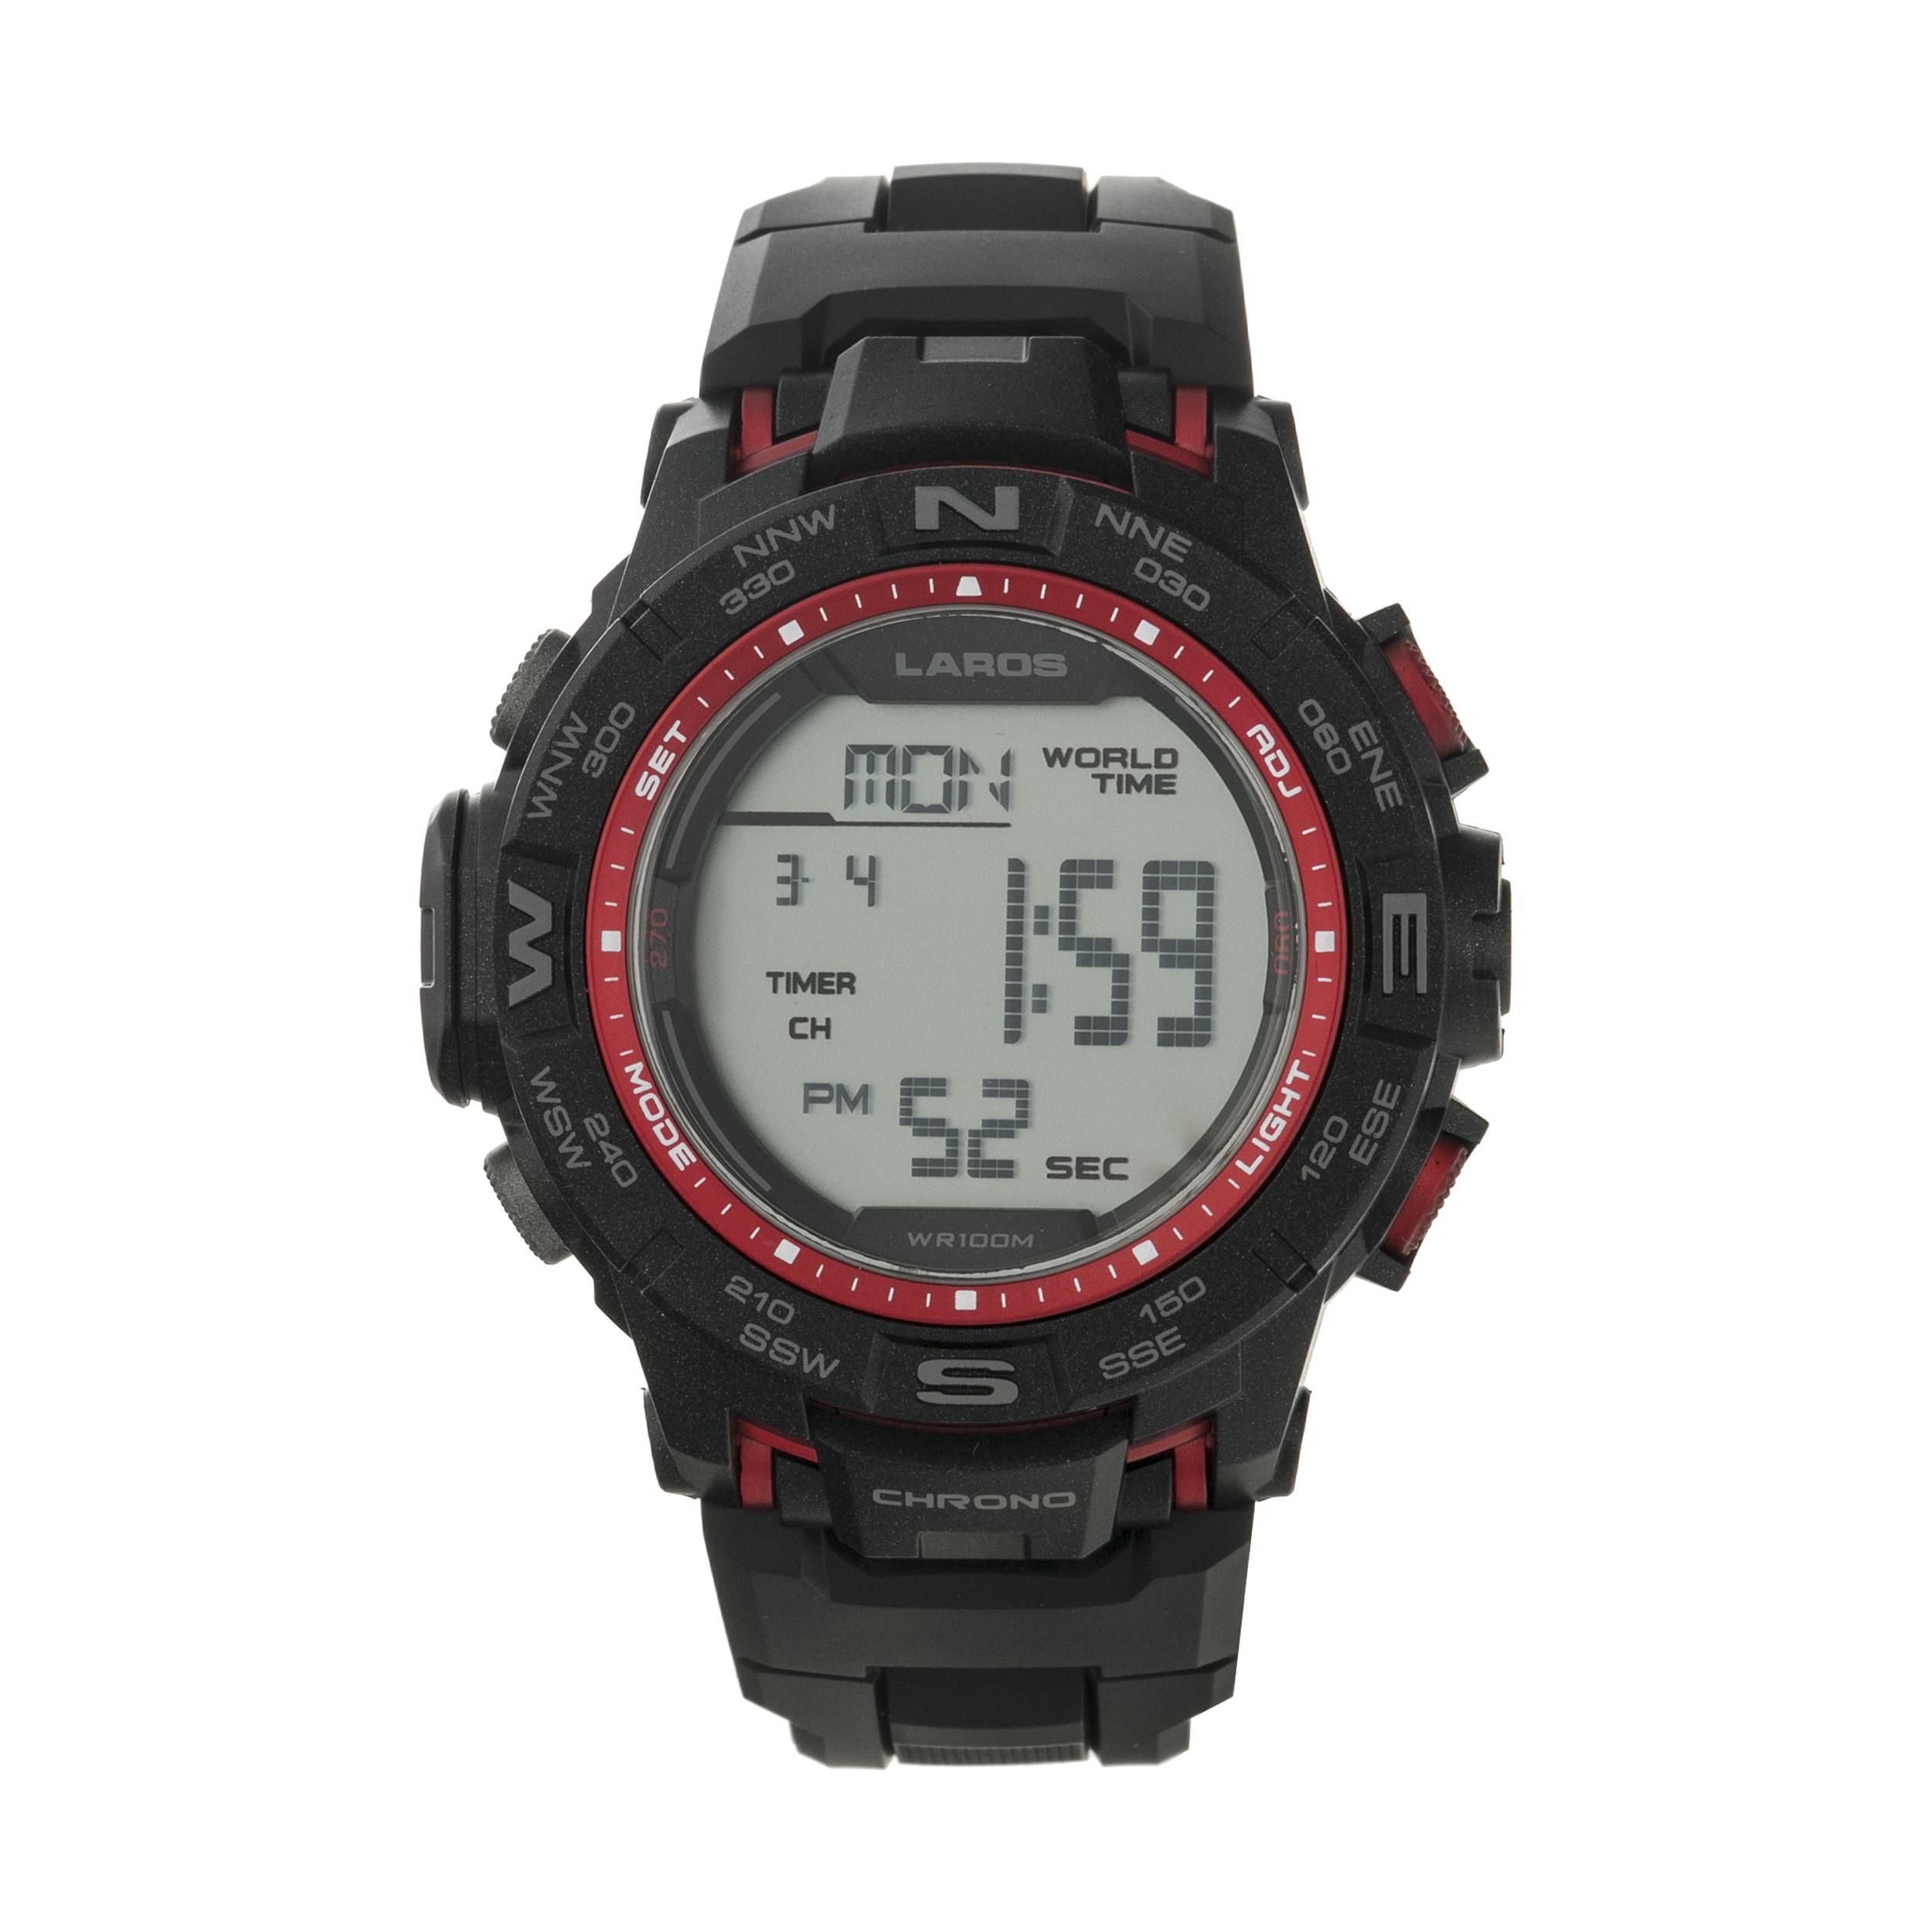 ساعت مچی دیجیتال مردانه لاروس مدل M1173-0318  به همراه دستمال مخصوص نانو برند کلیر واچ 26